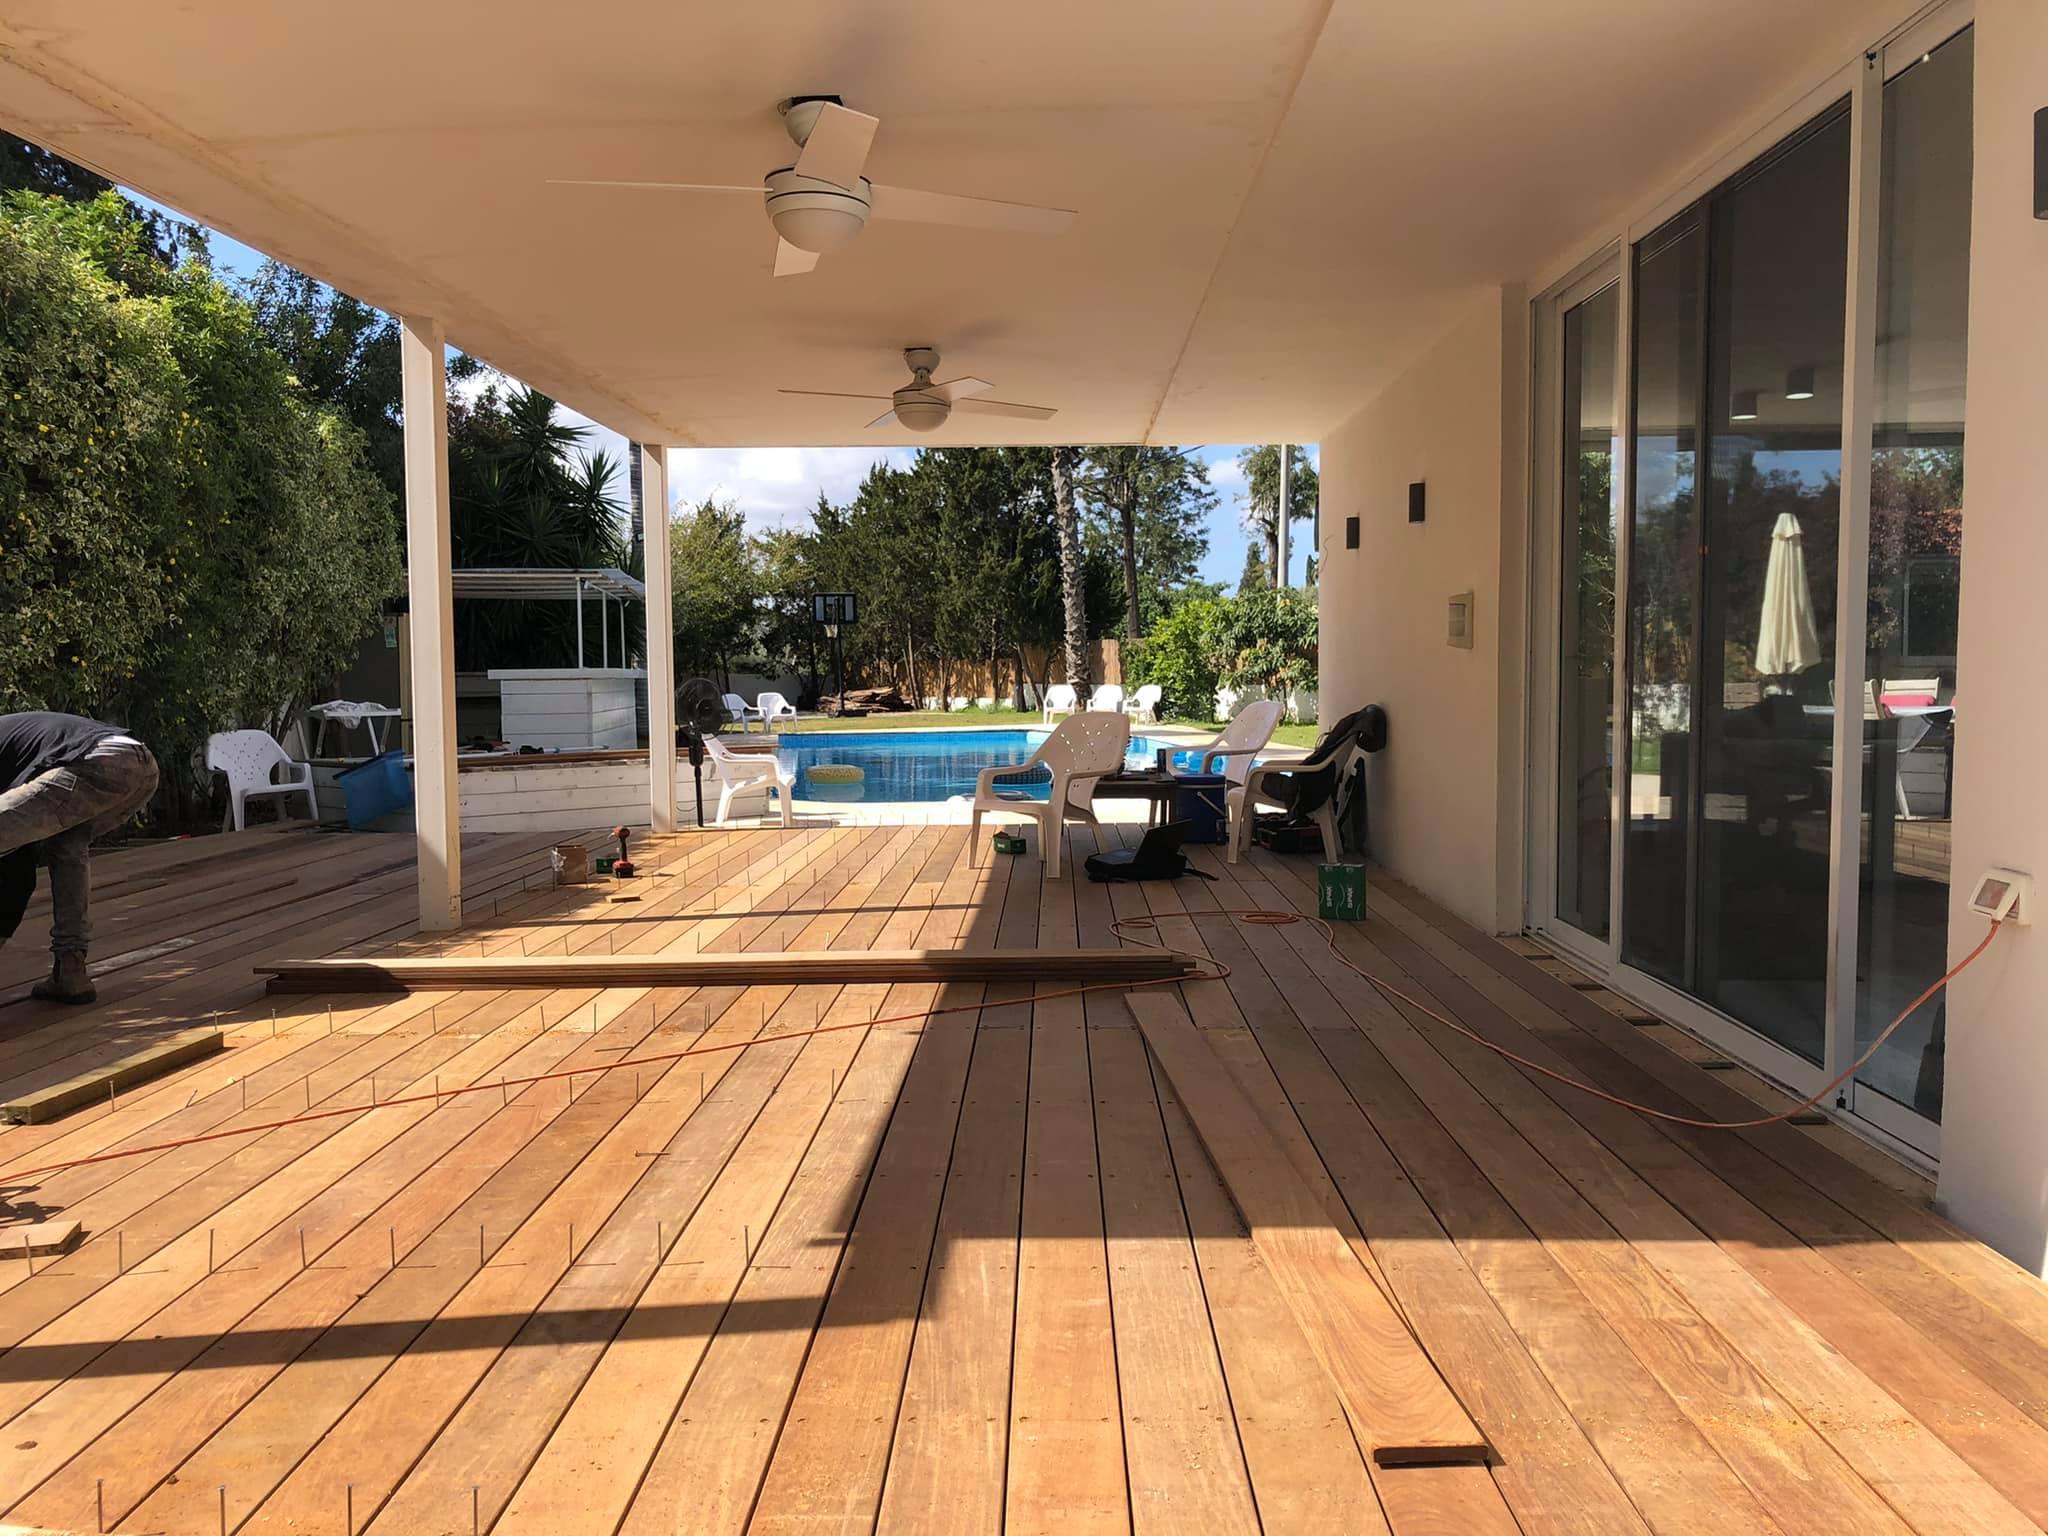 דק איפאה למרפסת | בניית דק איפאה בבית פרטי בסביון